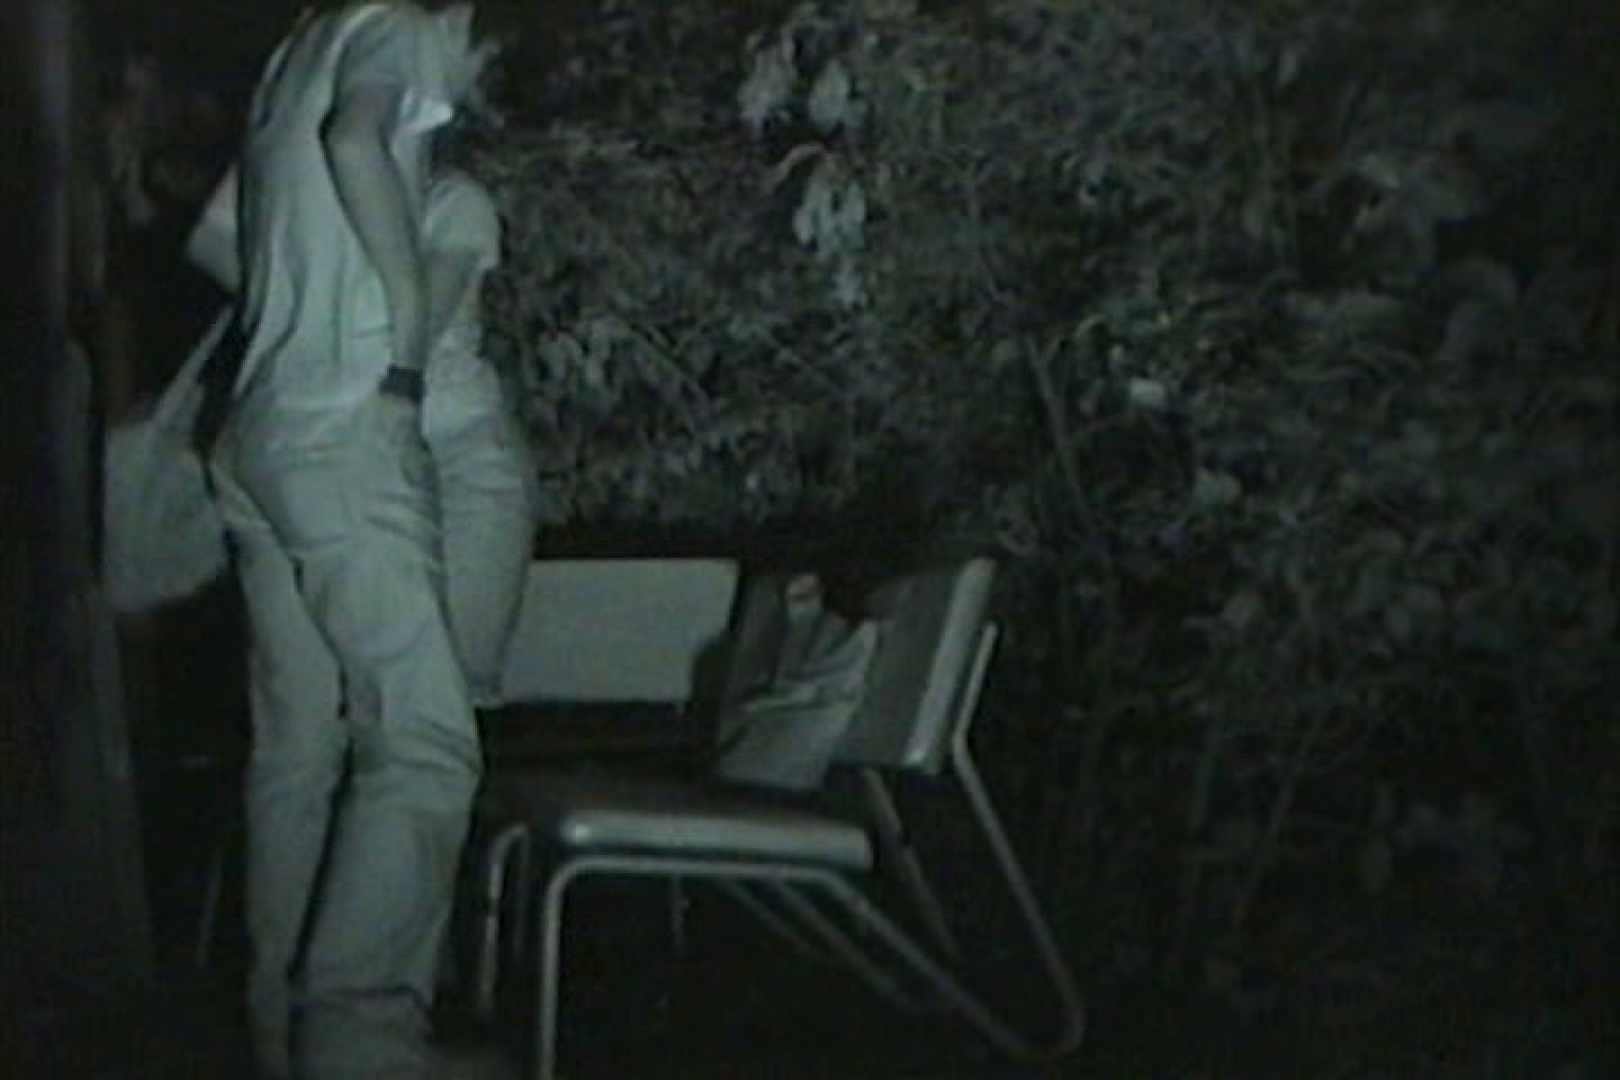 闇の仕掛け人 無修正版 Vol.25 美しいOLの裸体  102pic 26